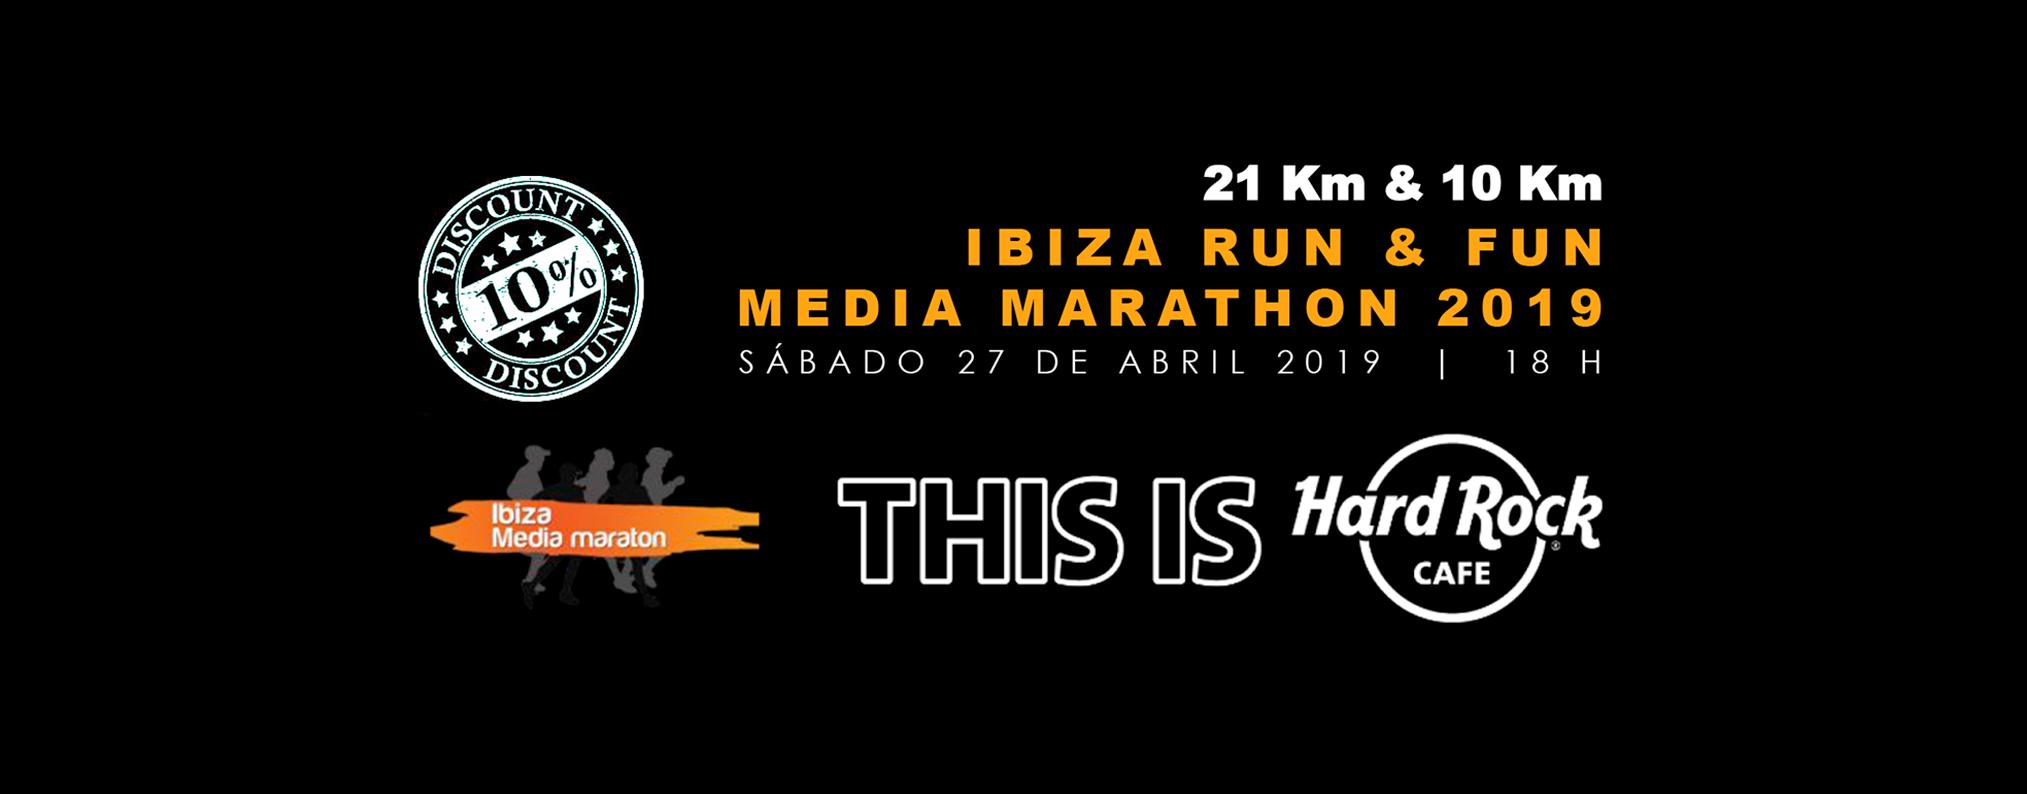 """Hard Rock Café Ibiza Colaborador Oficial De La Prueba Premiará A Los Campeones Locales Tanto De La Ibiza Media Maratón Como En El 10k """"Isla De Ibiza"""""""